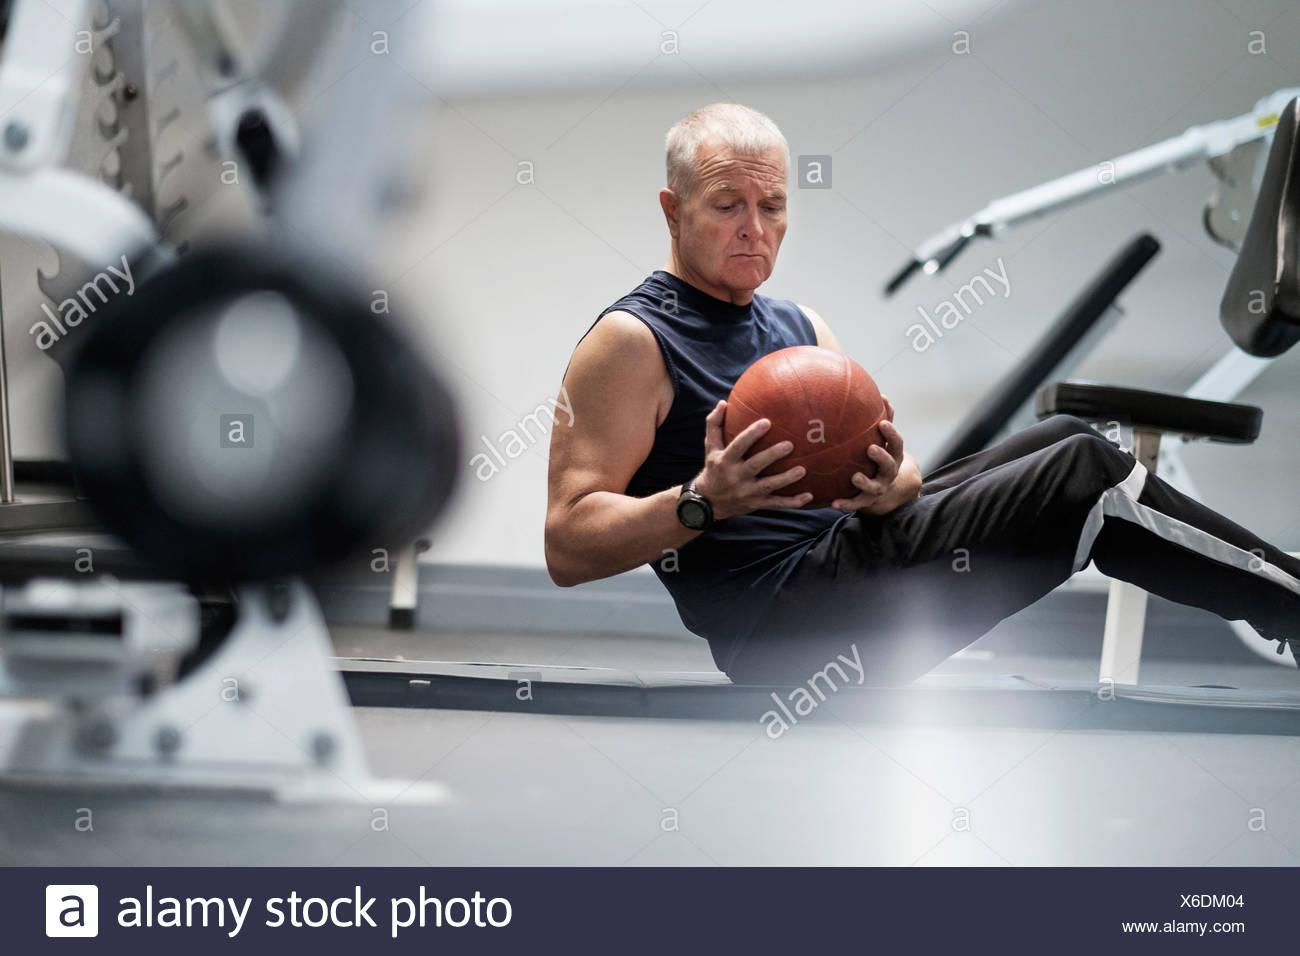 Mann im Health Club trainieren mit ball Stockbild